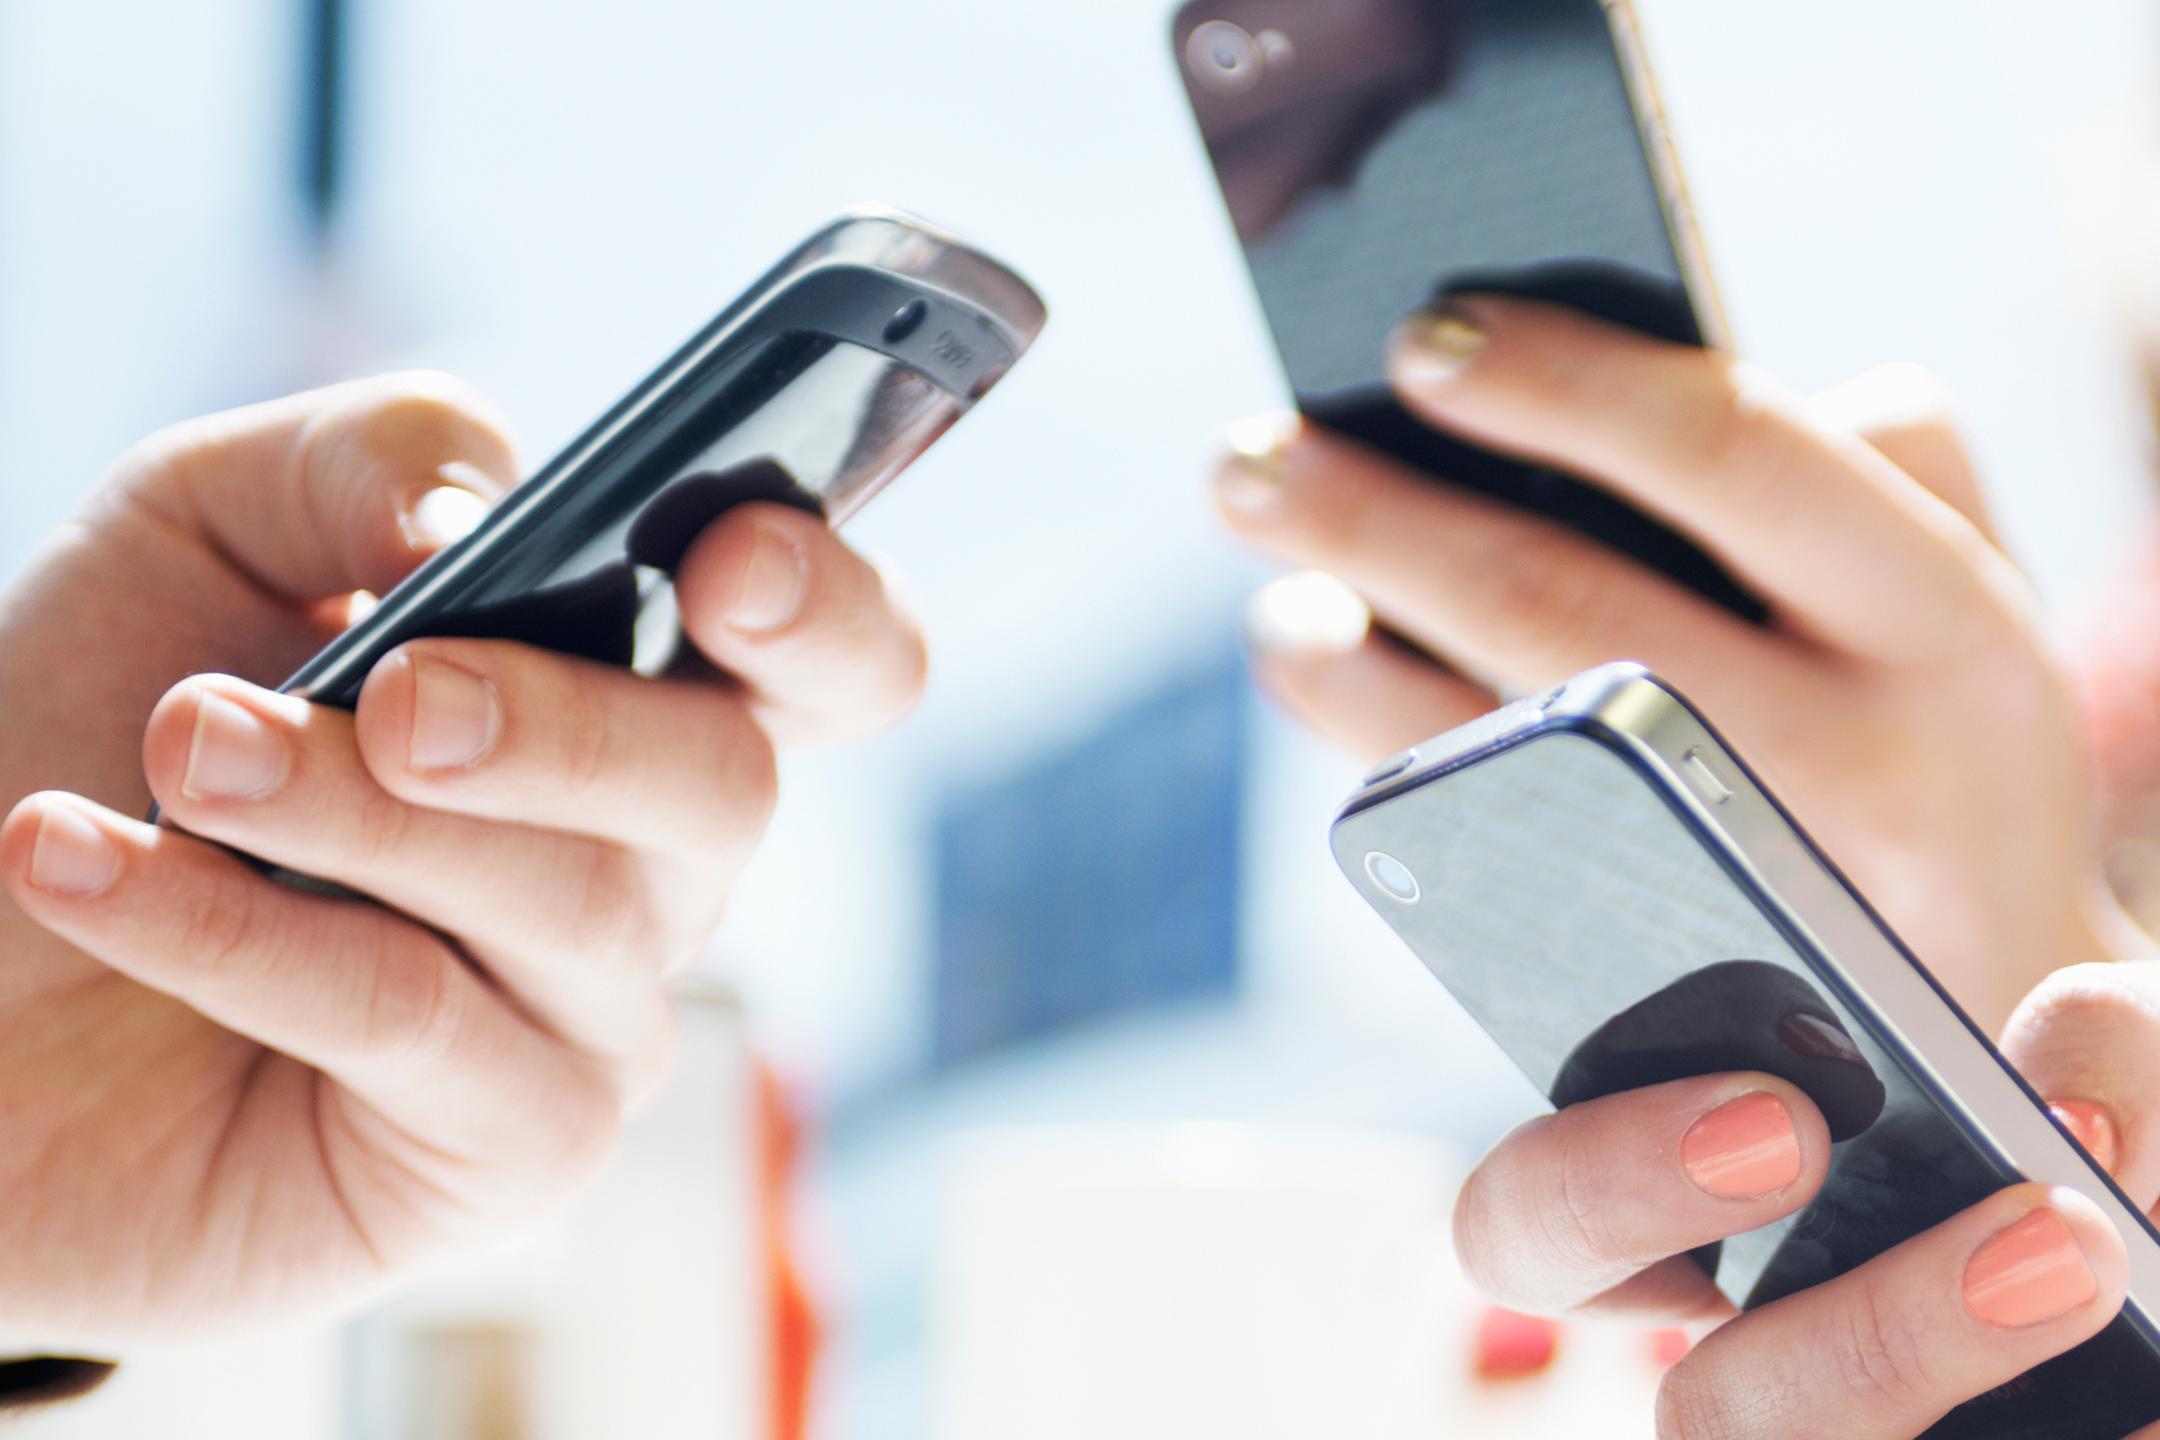 Популярные соцсети уступают мессенджерам по количеству пользователей